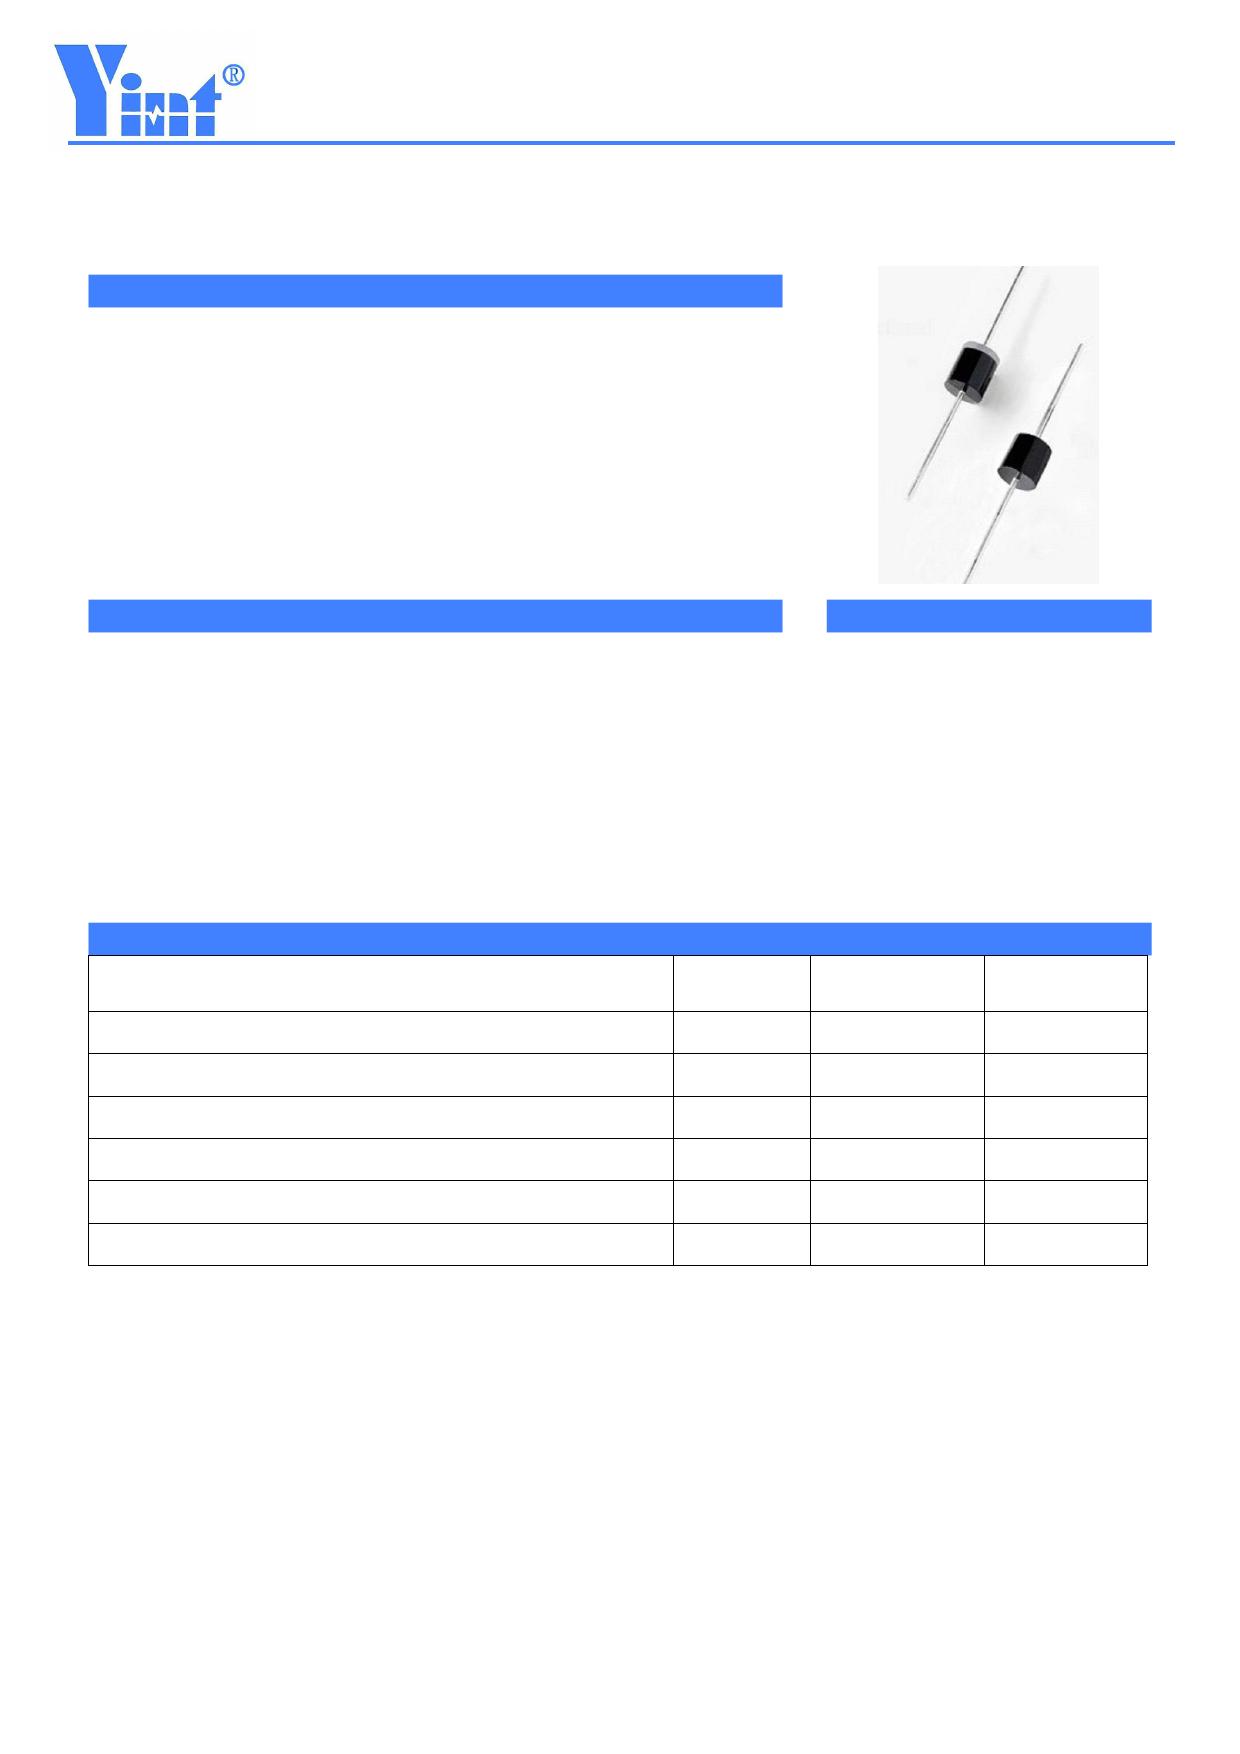 3.0KP130A datasheet